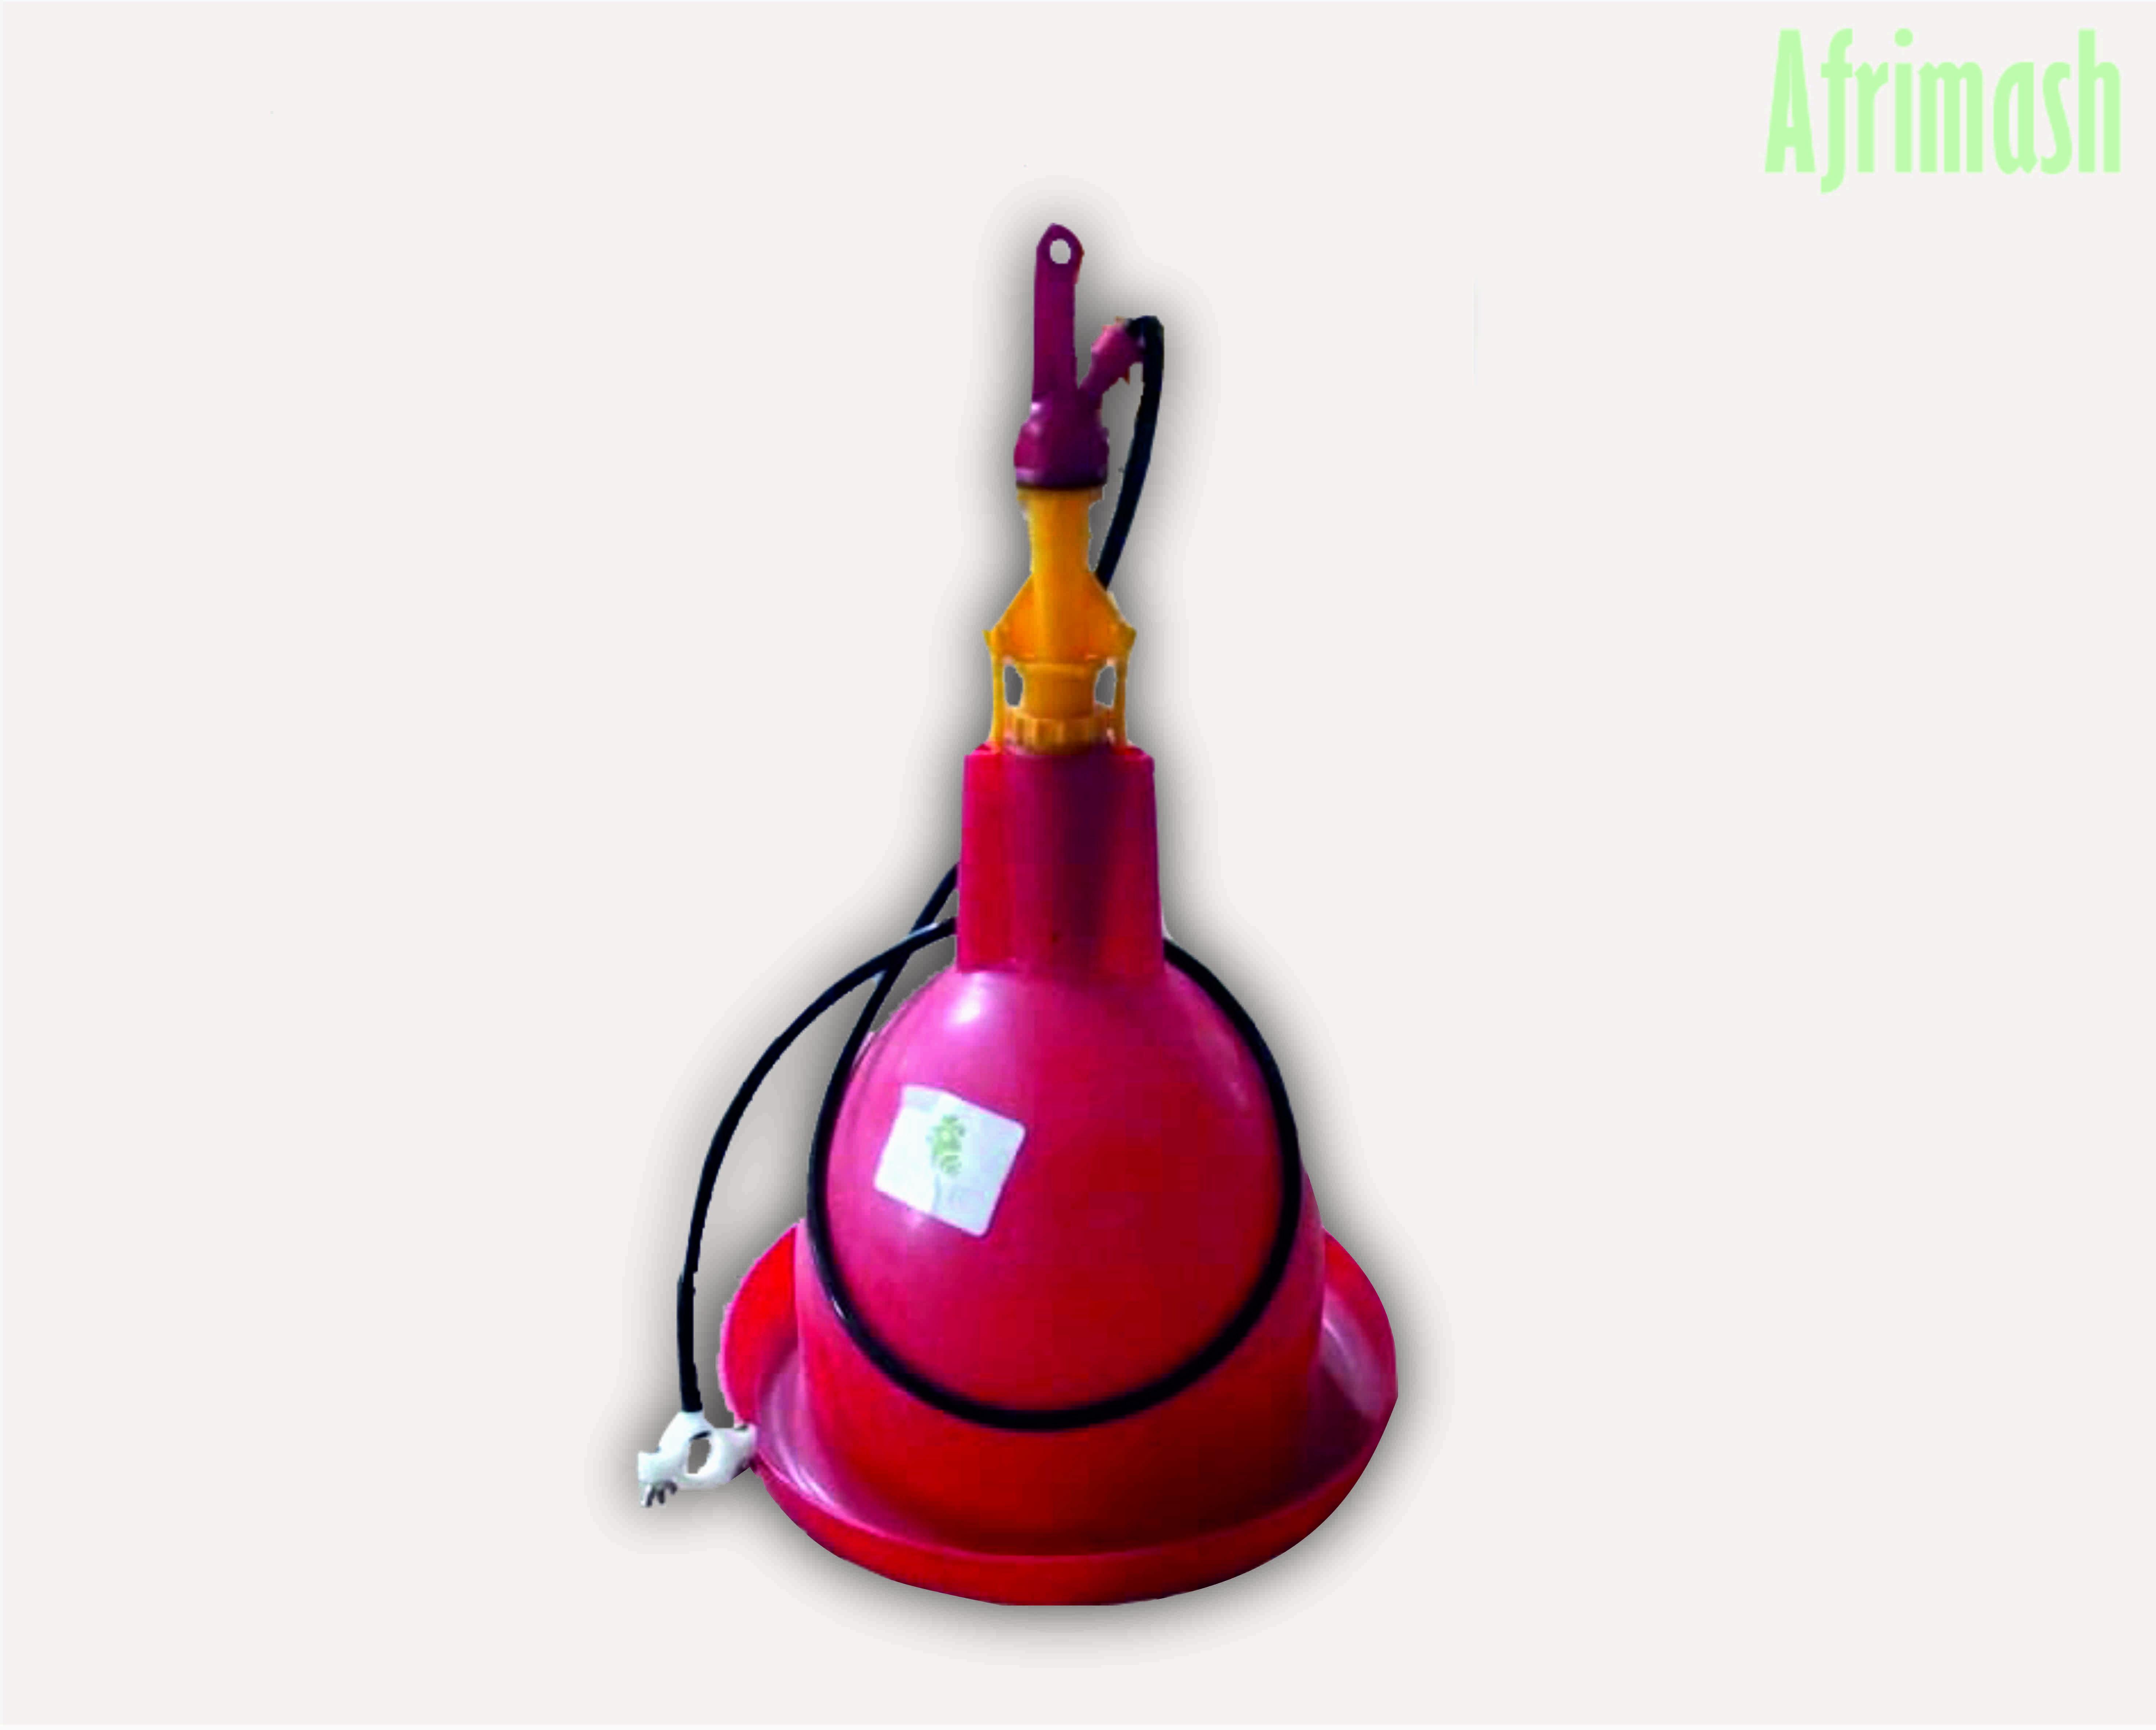 Bell drinker